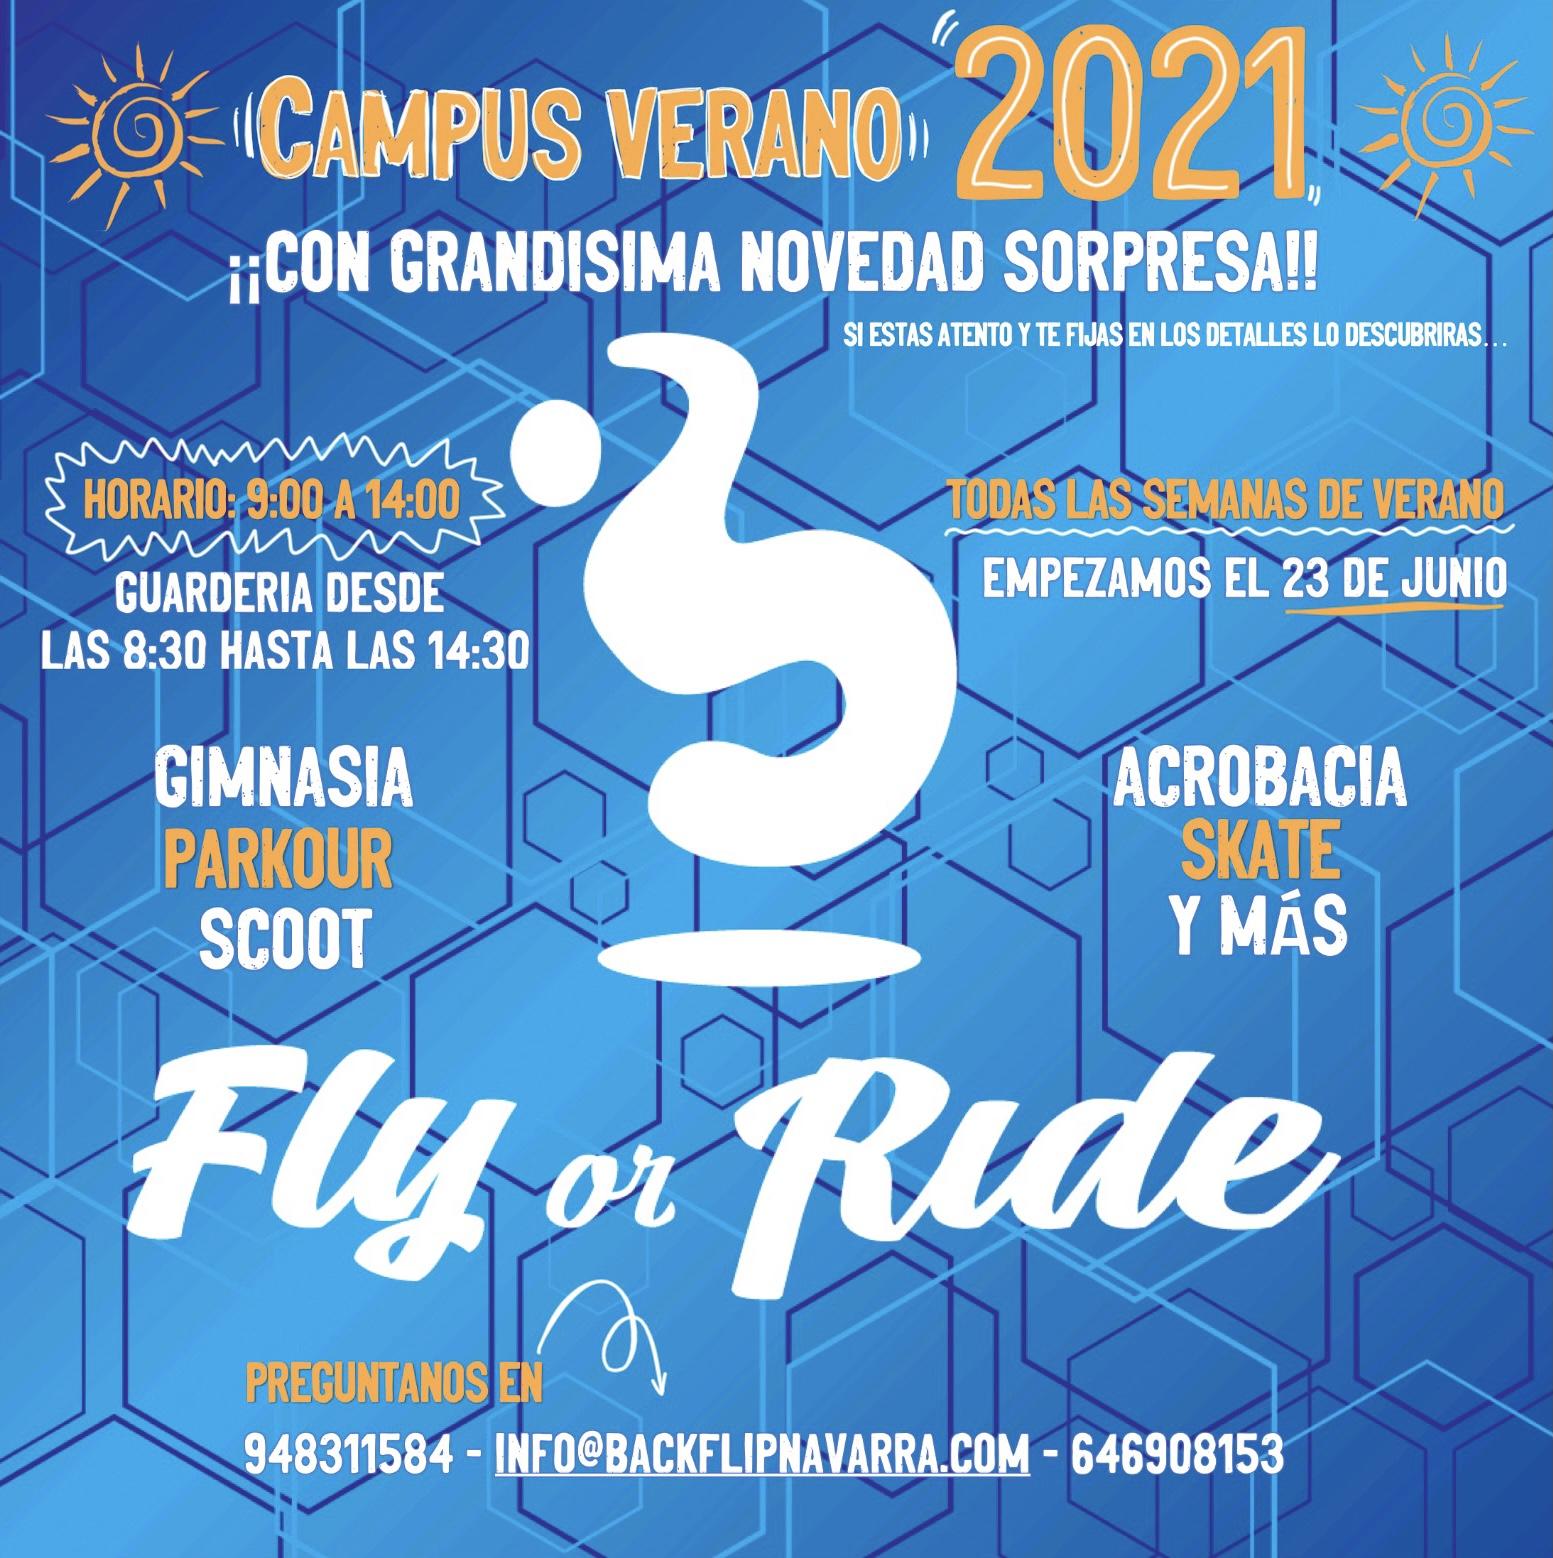 CAMPUS DE VERANO 2021